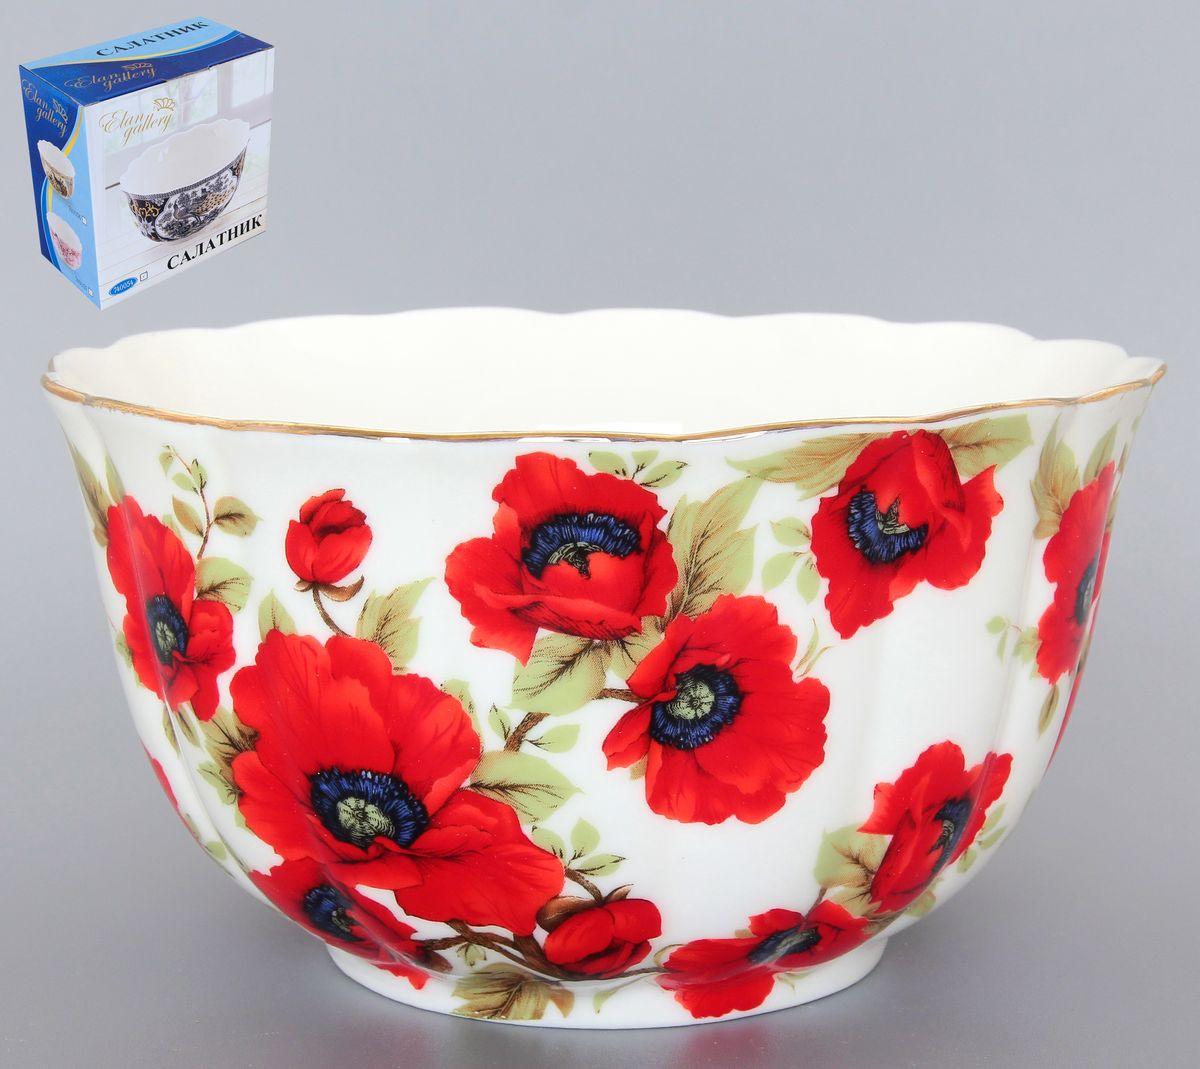 Салатник Elan Gallery Маки, 850 мл740121Великолепный салатник с волнистым краем Elan Gallery Маки, изготовленный из высококачественной керамики, прекрасно подойдет для подачи различных блюд: закусок, салатов или фруктов. Такой салатник украсит ваш праздничный или обеденный стол, а оригинальное исполнение понравится любой хозяйке. Диаметр салатника (по верхнему краю): 16 см. Высота салатника: 10 см. Объем салатника: 850 мл.